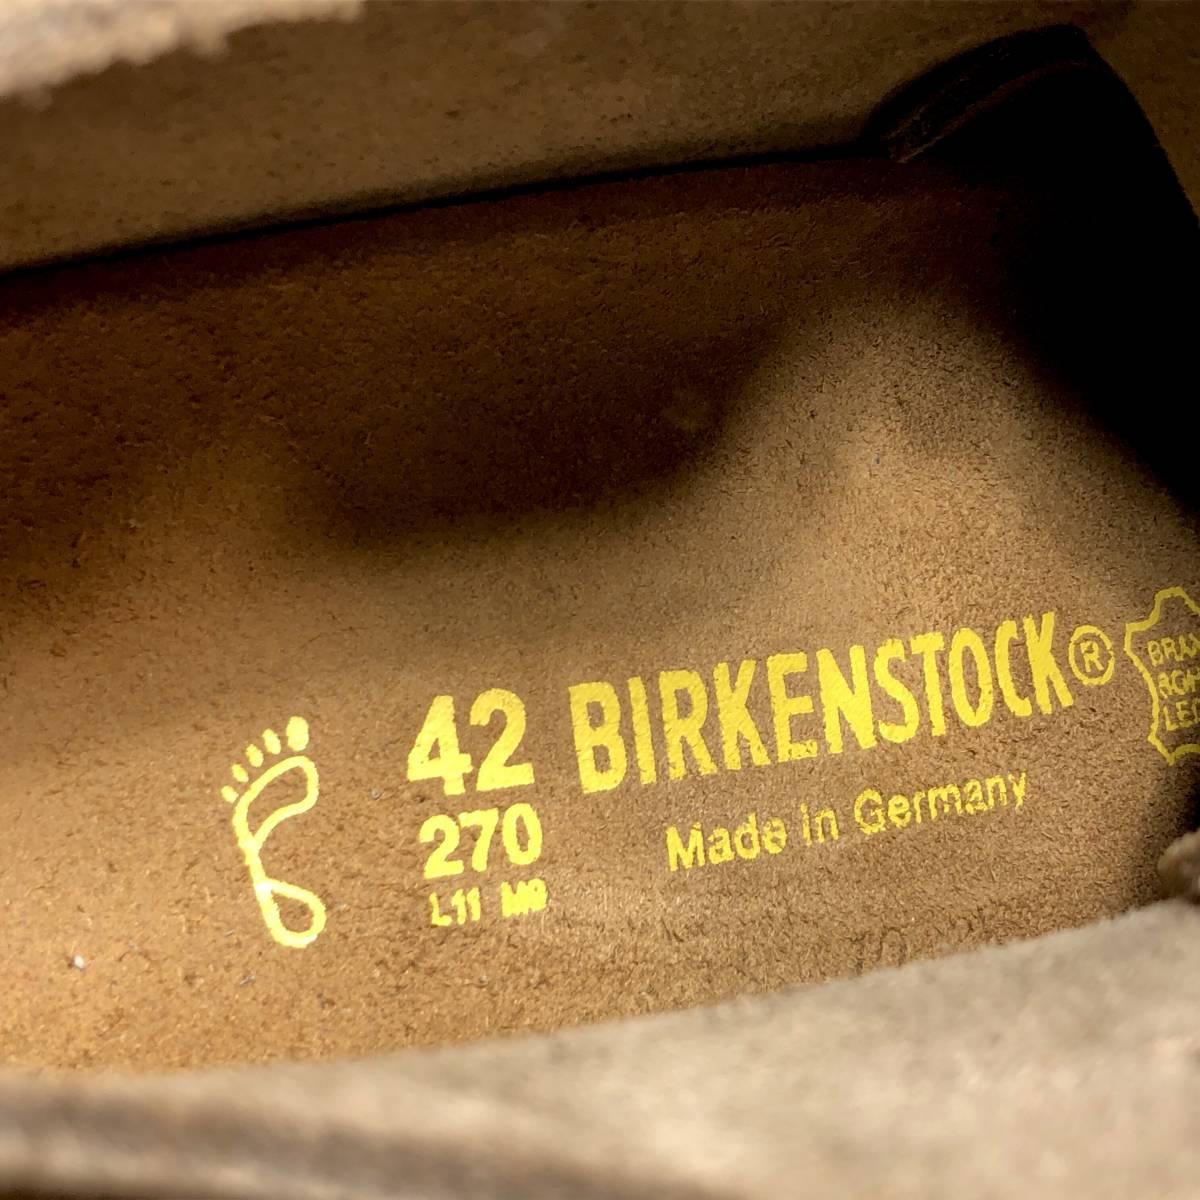 ■BIRKENSTOCK DUNDEE■ 未使用品 定価19,580円 27cm 42 ベージュ ビルケンシュトック ダンディー メンズ 靴 革靴 天然皮革 くつ 即決_画像8